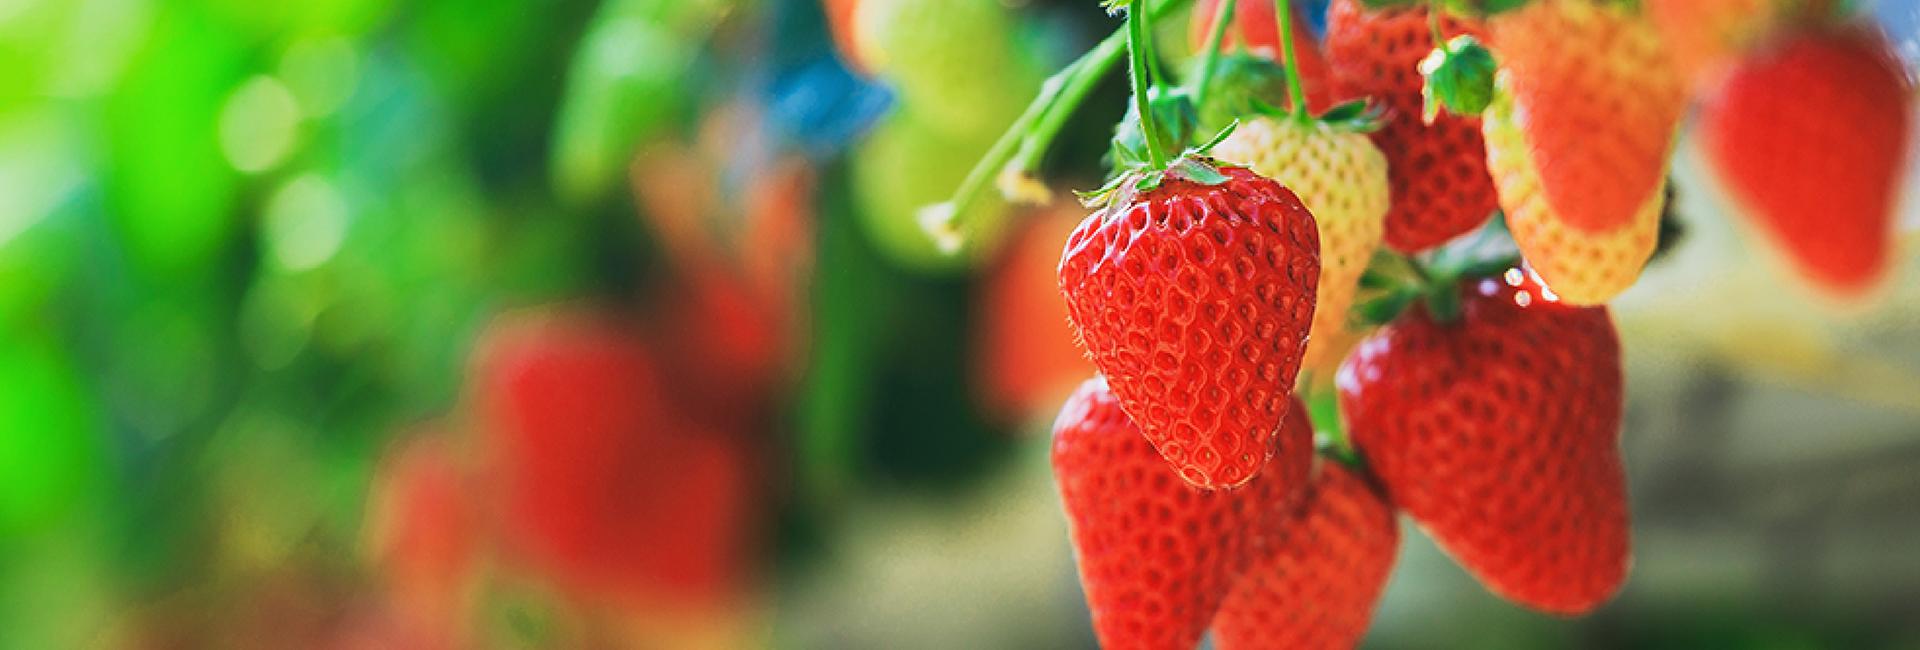 産地から流通までに多岐に渡り青果物の価値向上に挑む!